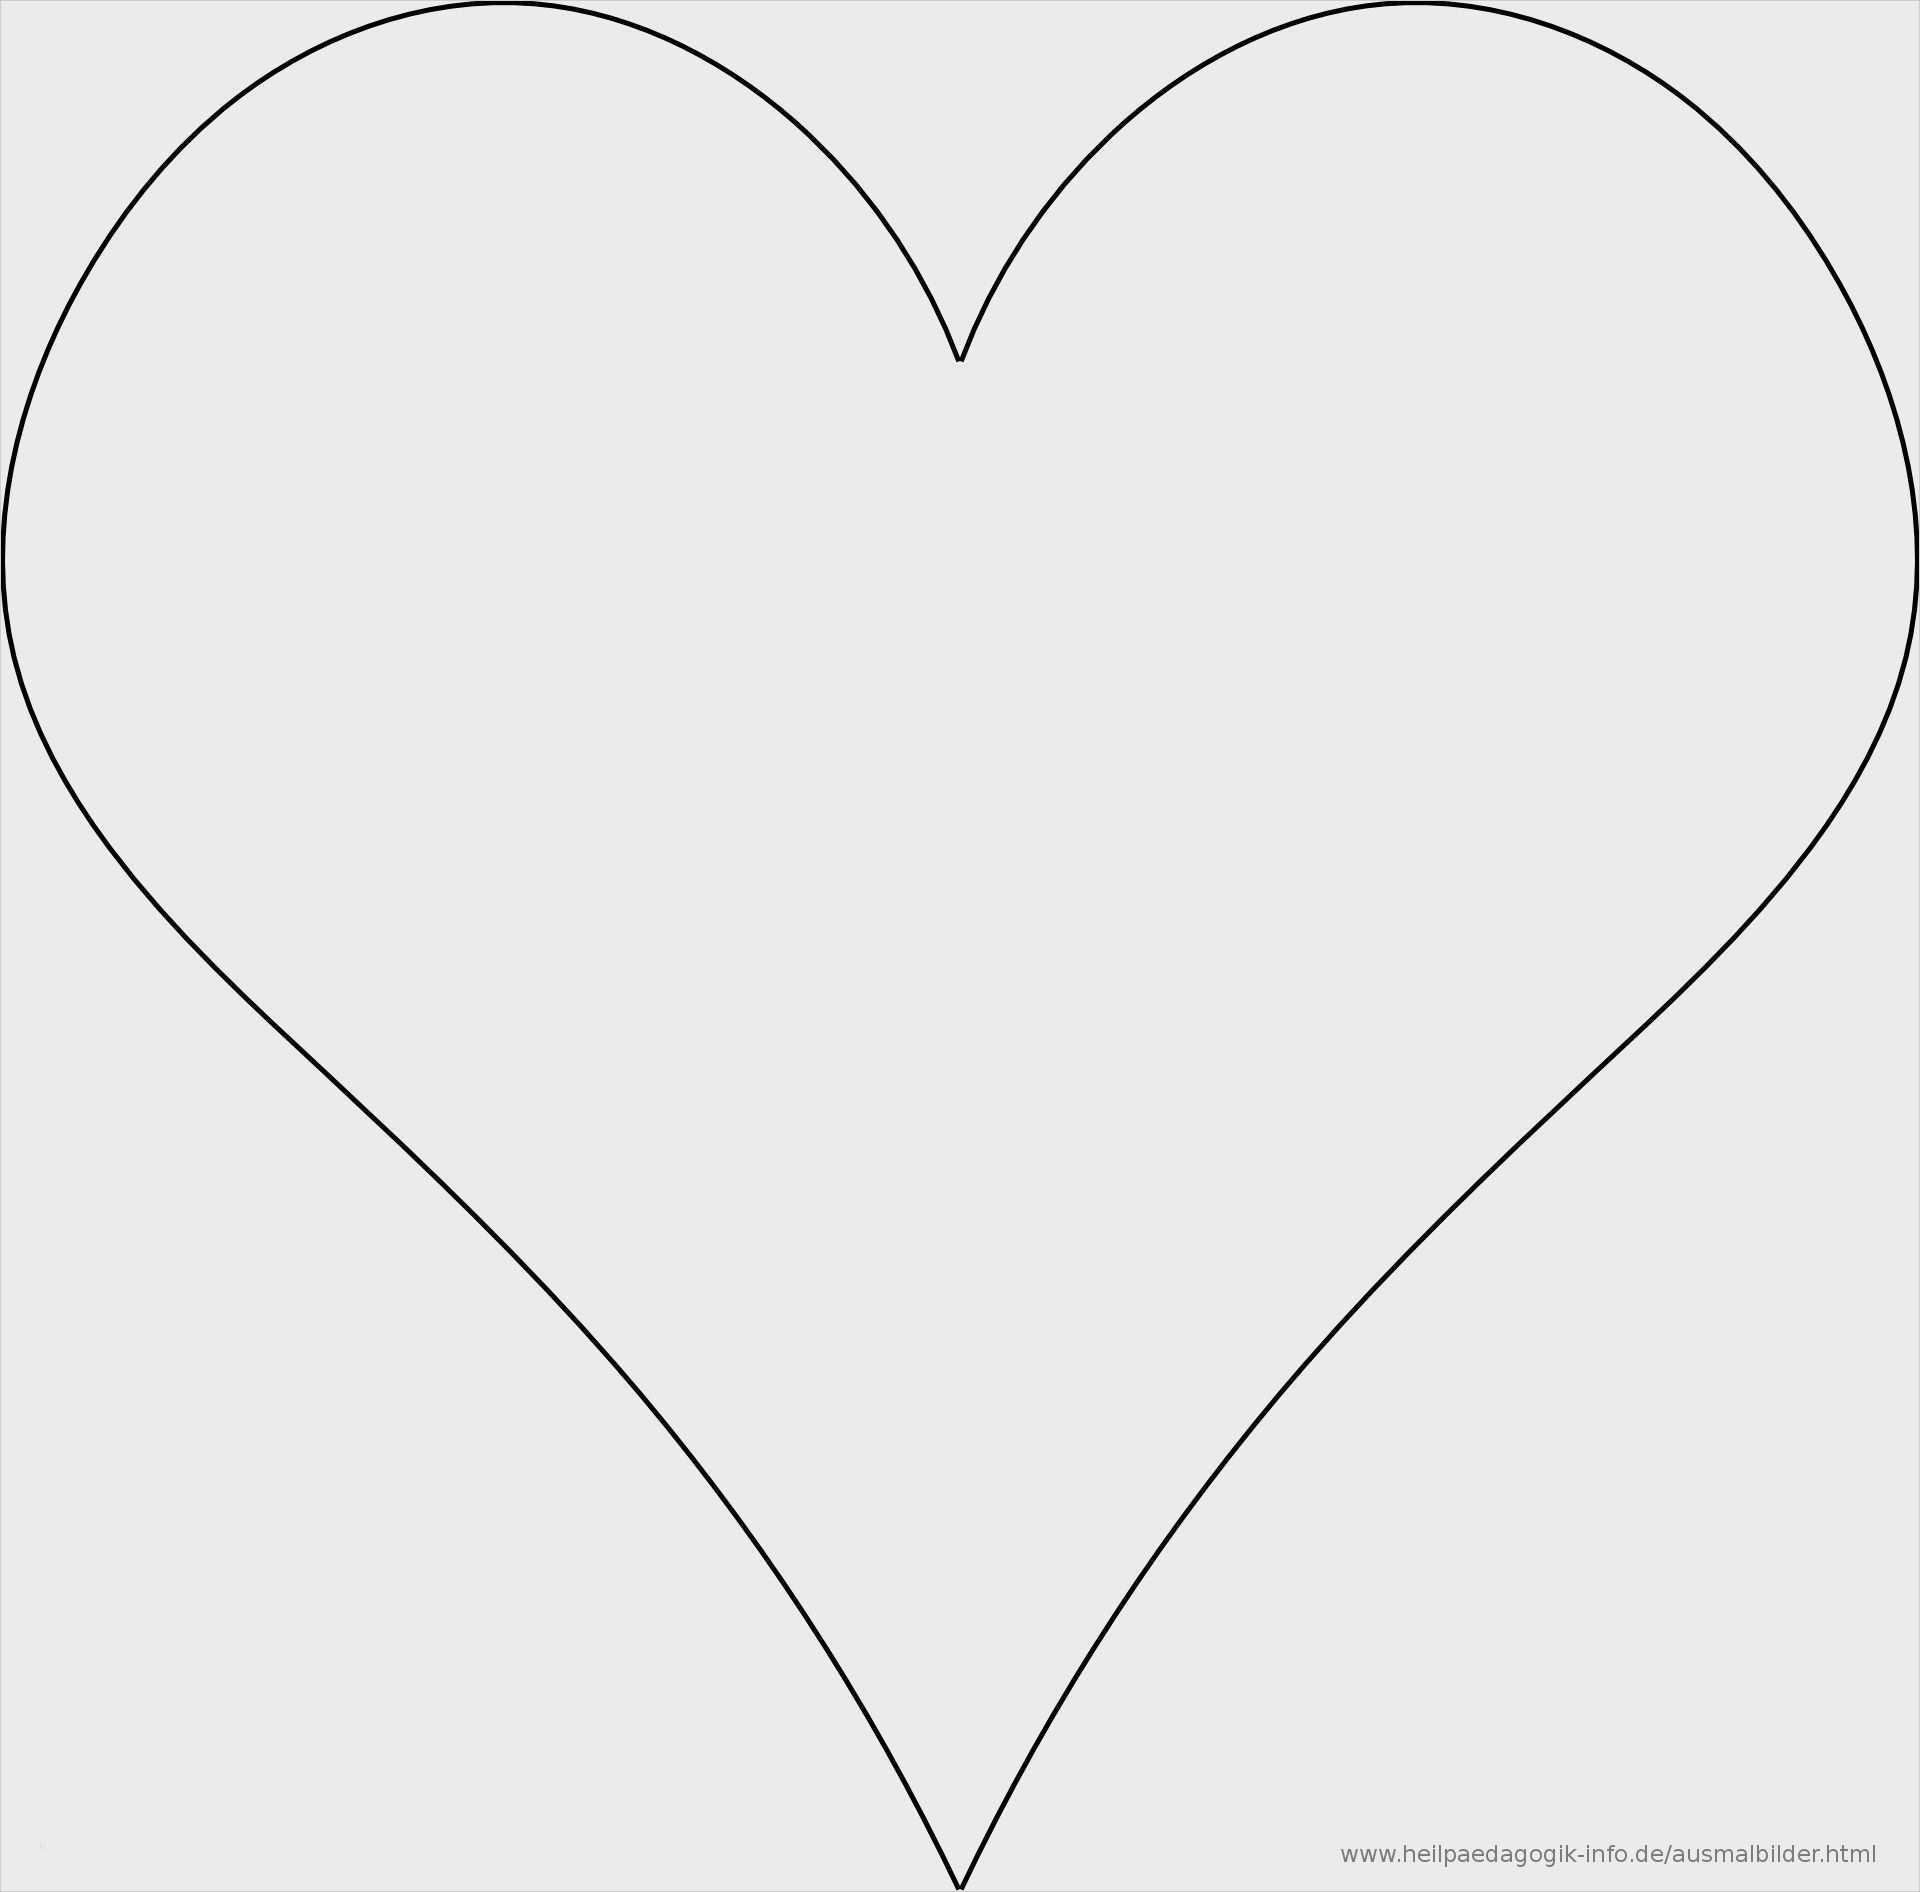 Herz Vorlage Zum Ausdrucken 40 Inspiration Ebendiese Konnen Einstellen In Microsoft Word Herz Vorlage Vorlagen Ausdrucken